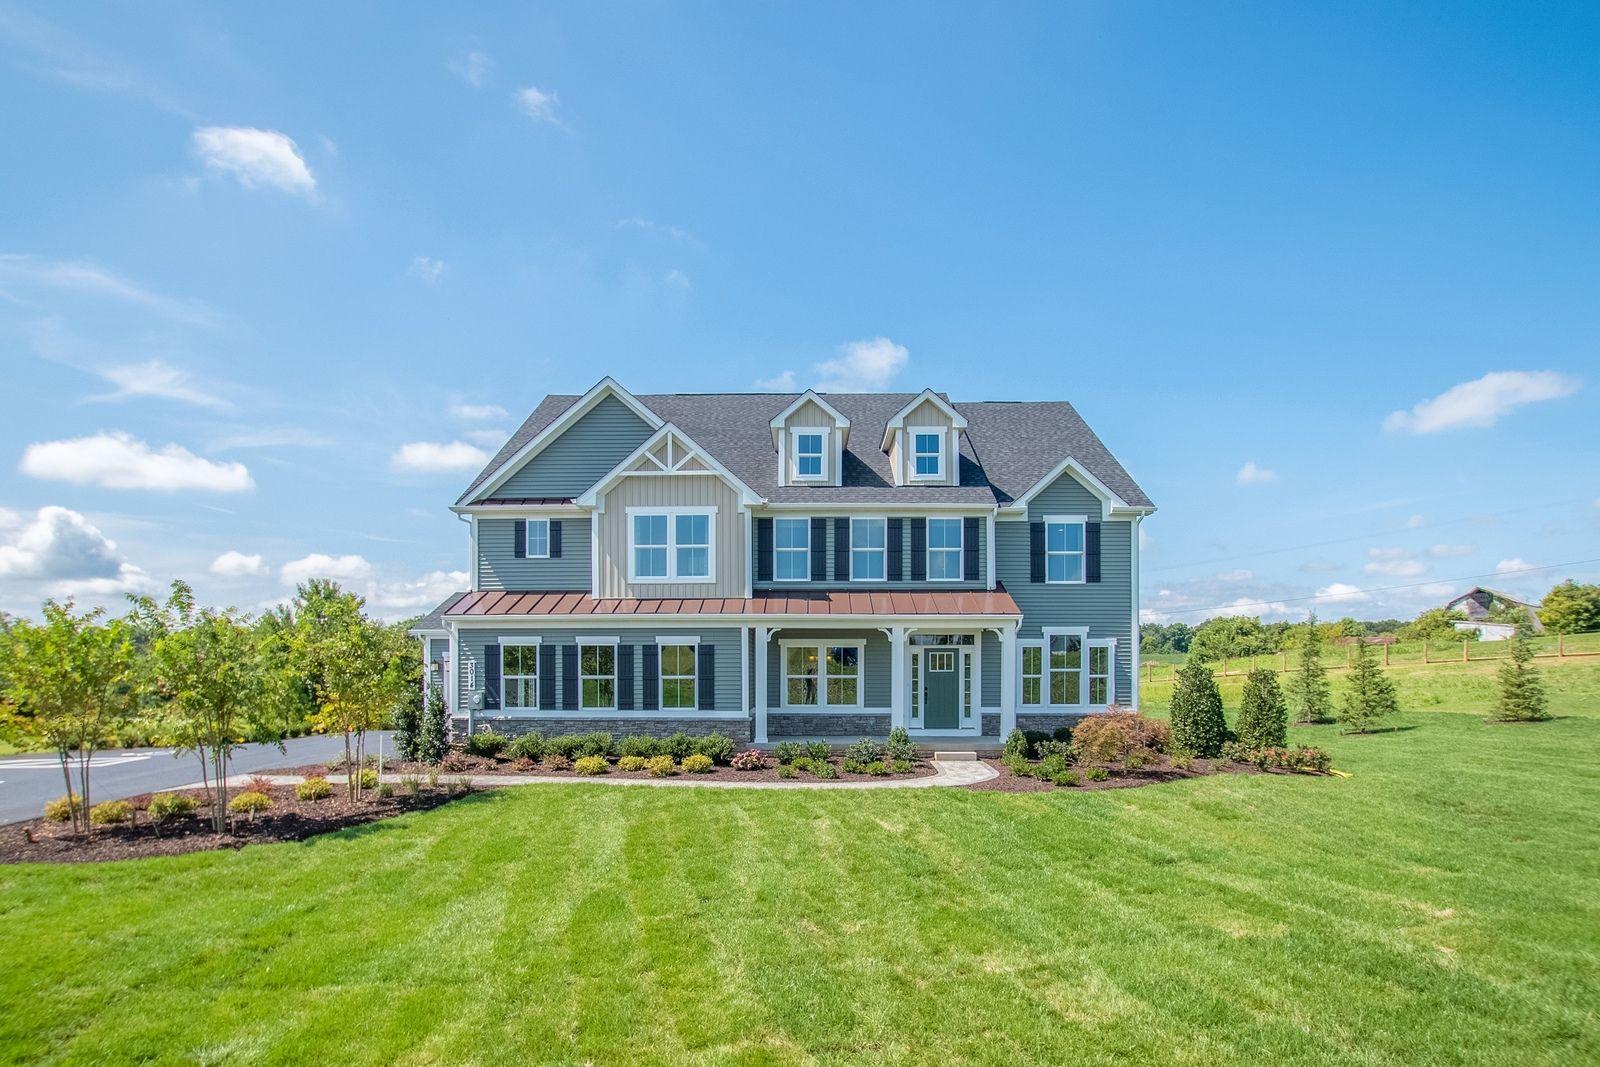 单亲家庭 为 销售 在 Cannon Hill - Versailles 50 New Canton Way Upper Freehold, New Jersey 08501 United States